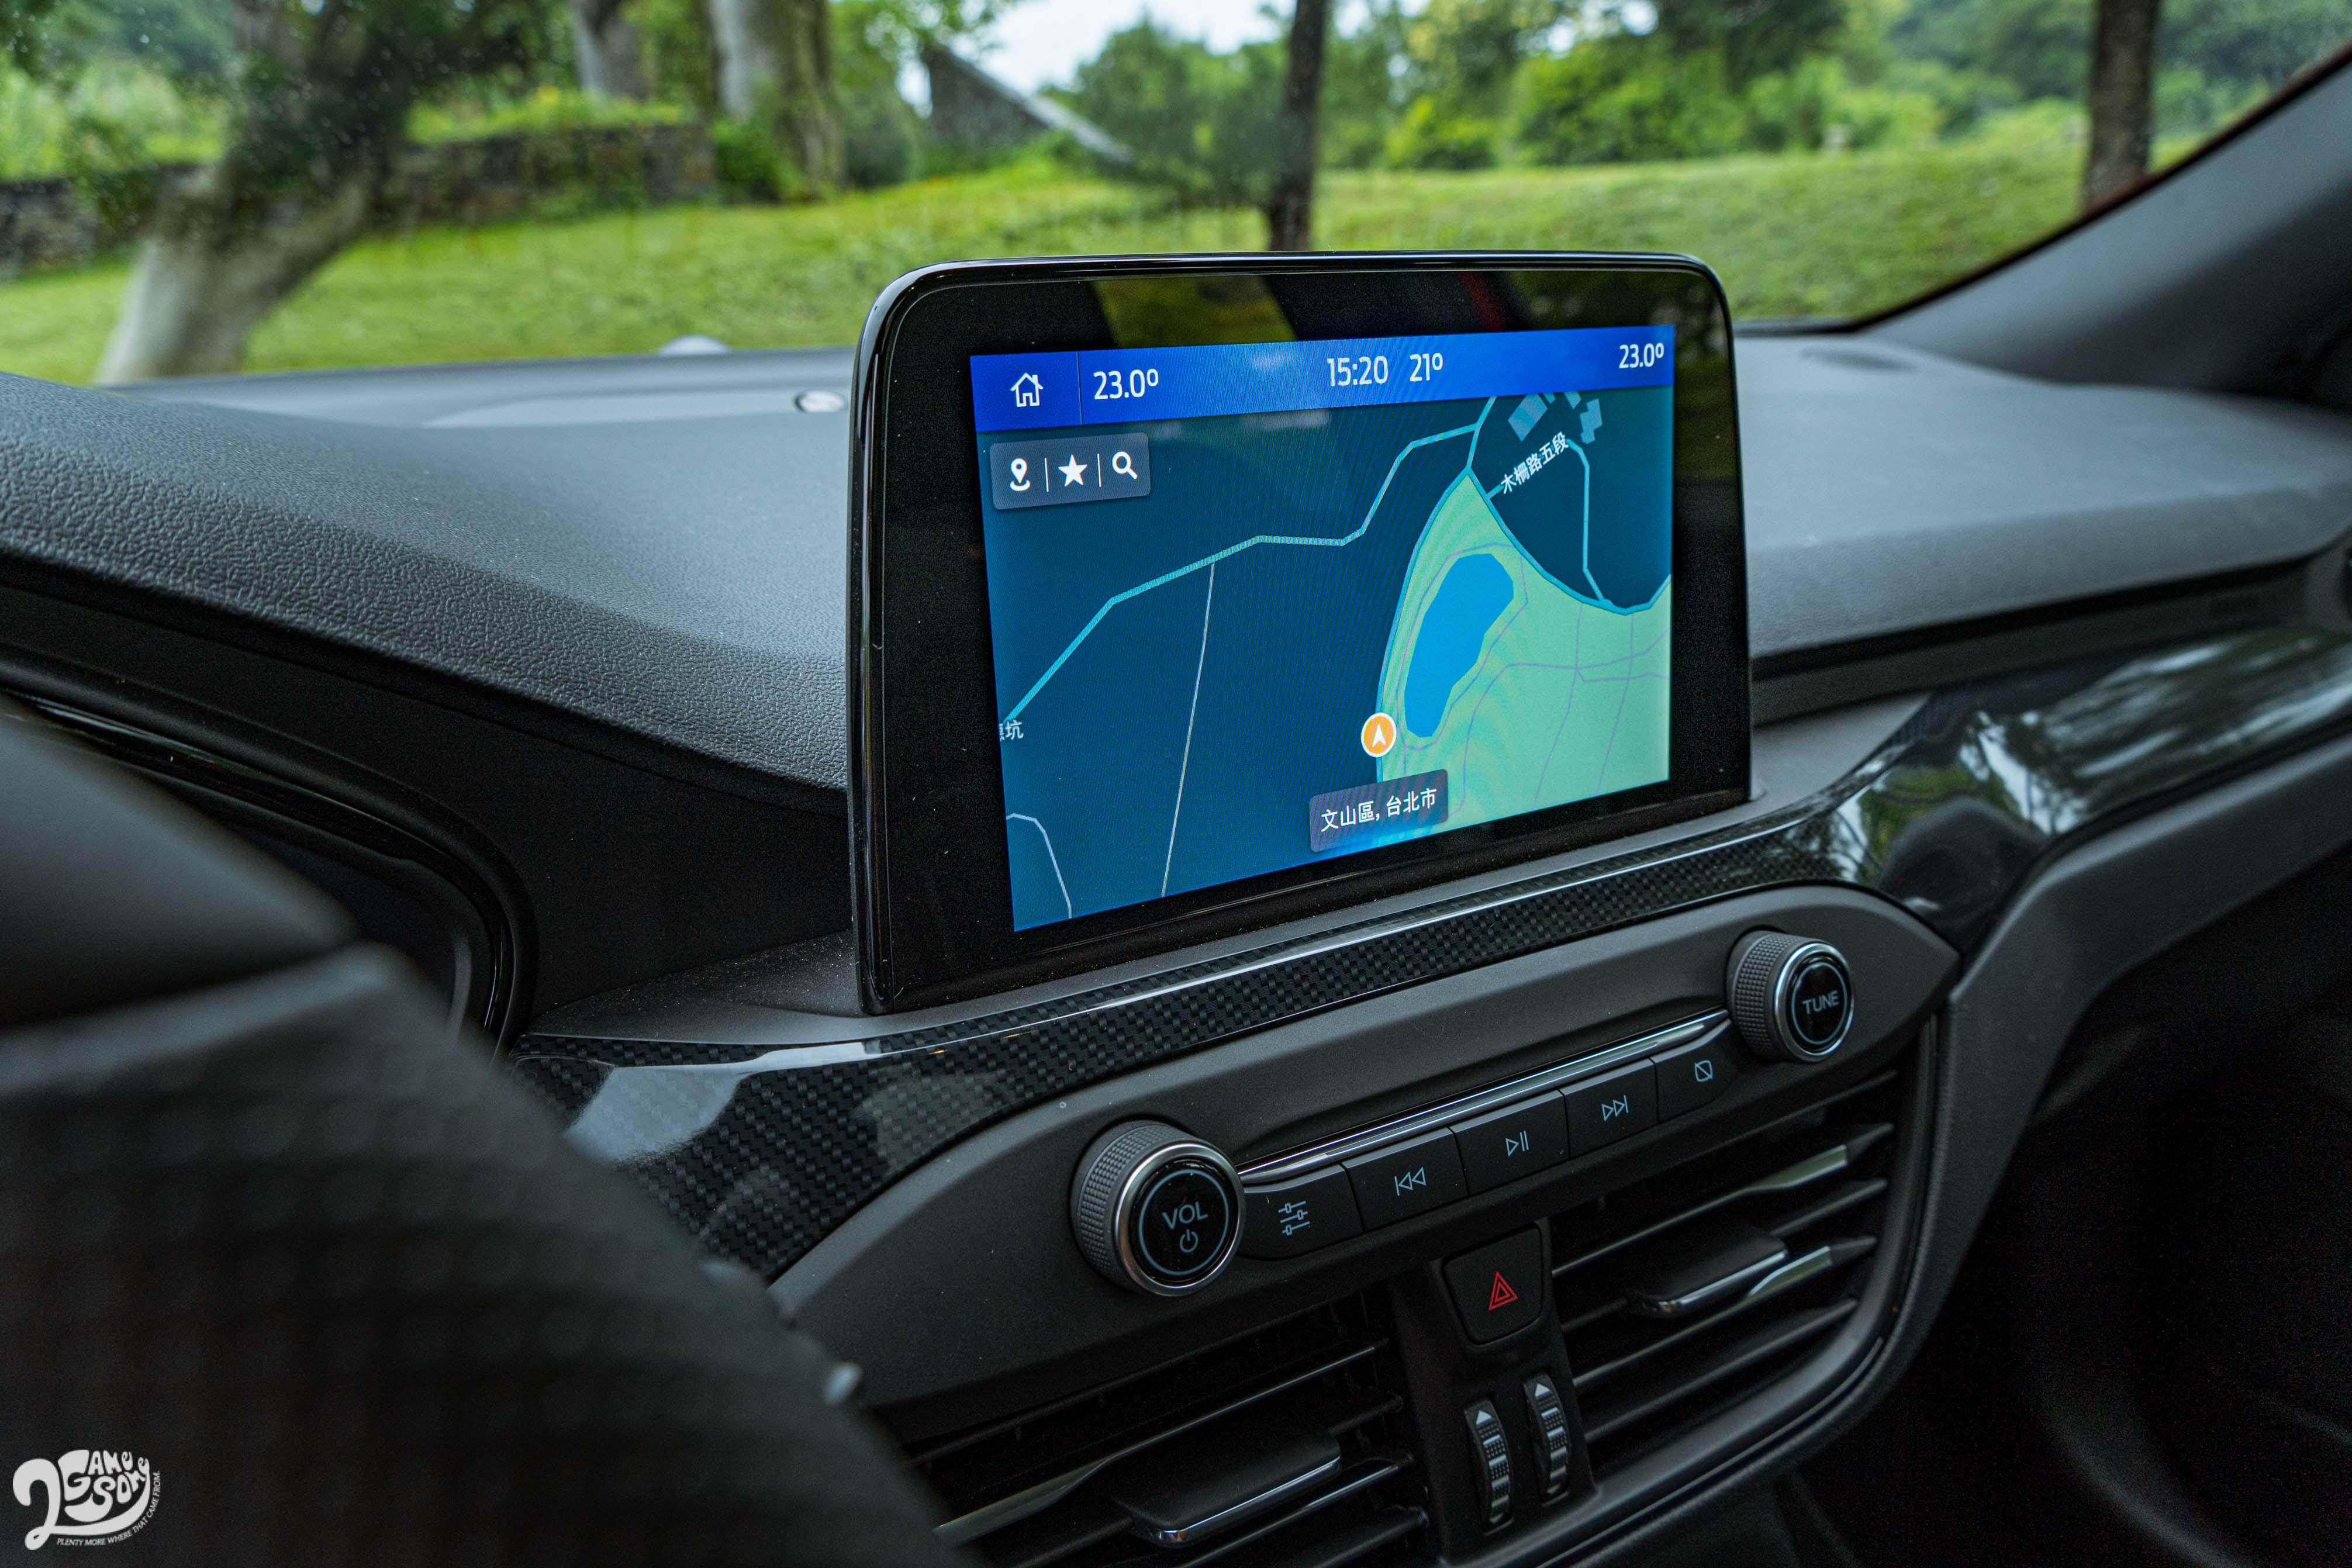 8 吋懸浮式觸控螢幕可使用 SYNC®3娛樂通訊整合系統、原廠中文衛星導航系統、Apple CarPlay 及 Android Auto。